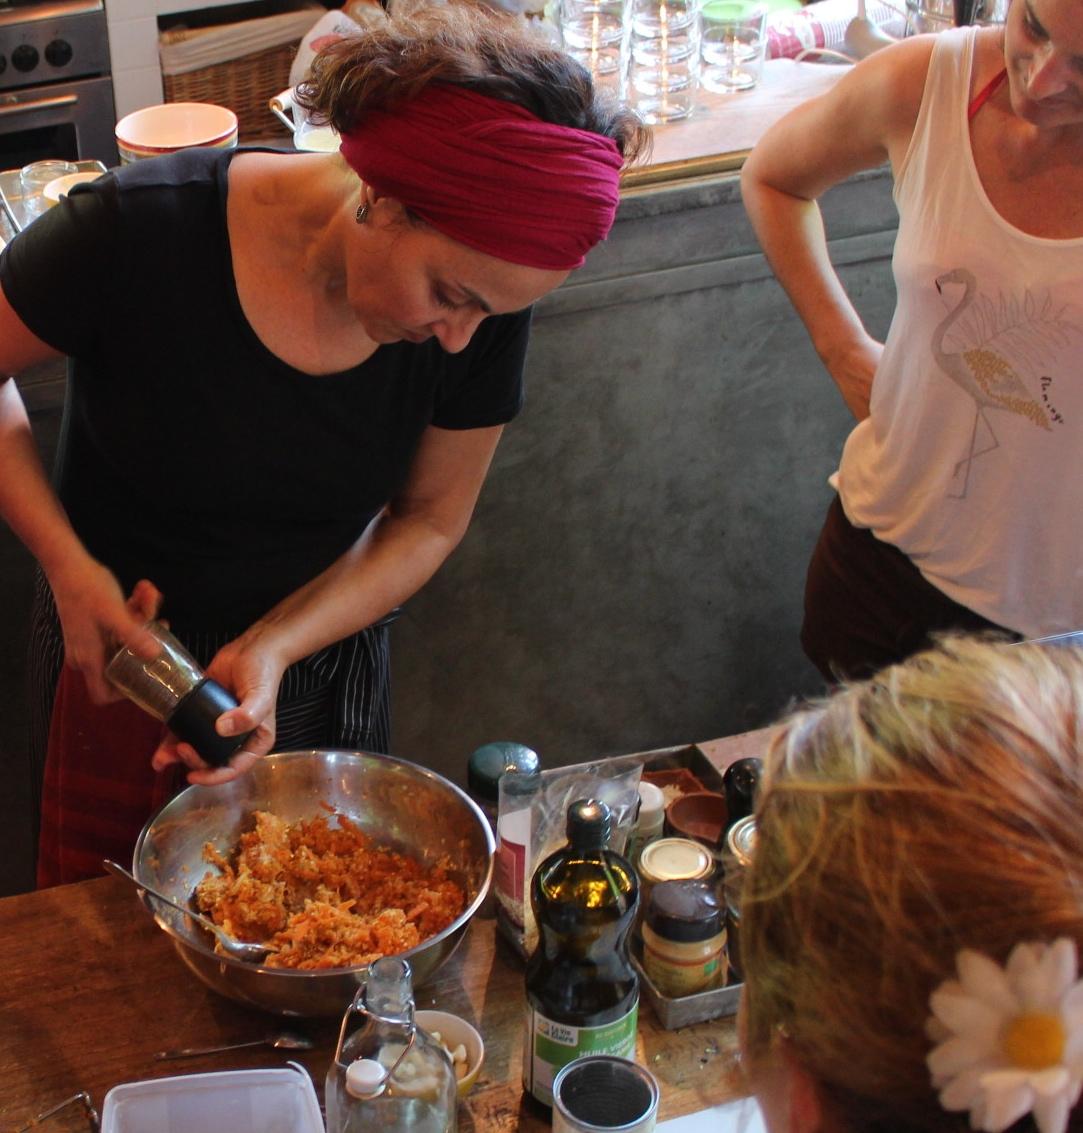 cours-ateliers-cuisine-vegane-ayurvedique-france-franco-paris.JPG